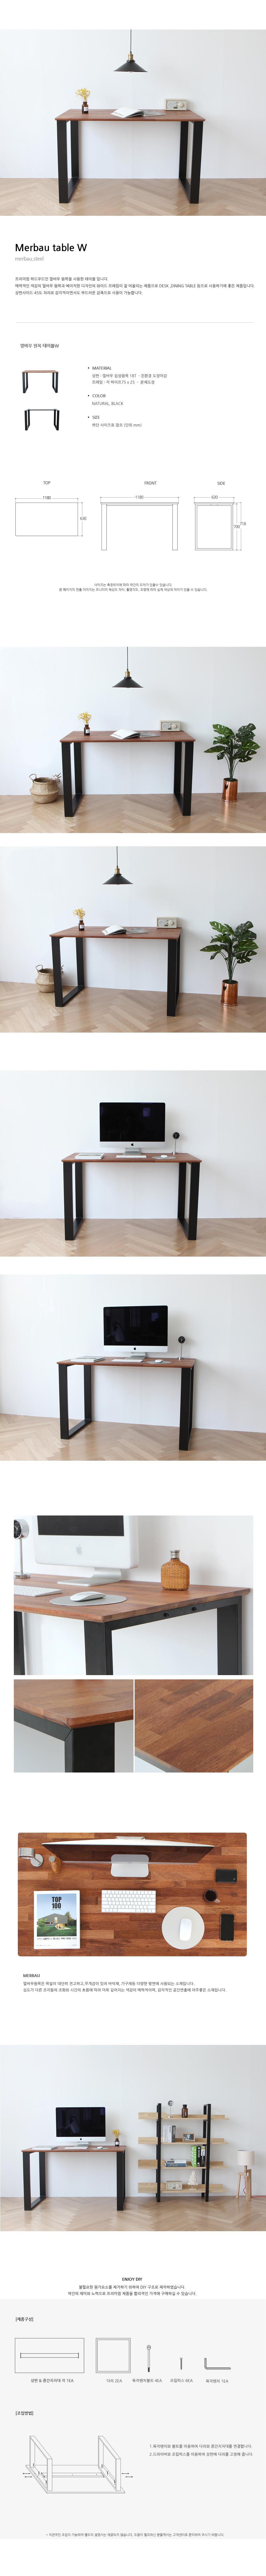 멀바우 원목 테이블w - 럼버잭, 240,000원, DIY 책상/의자, DIY 책상/테이블